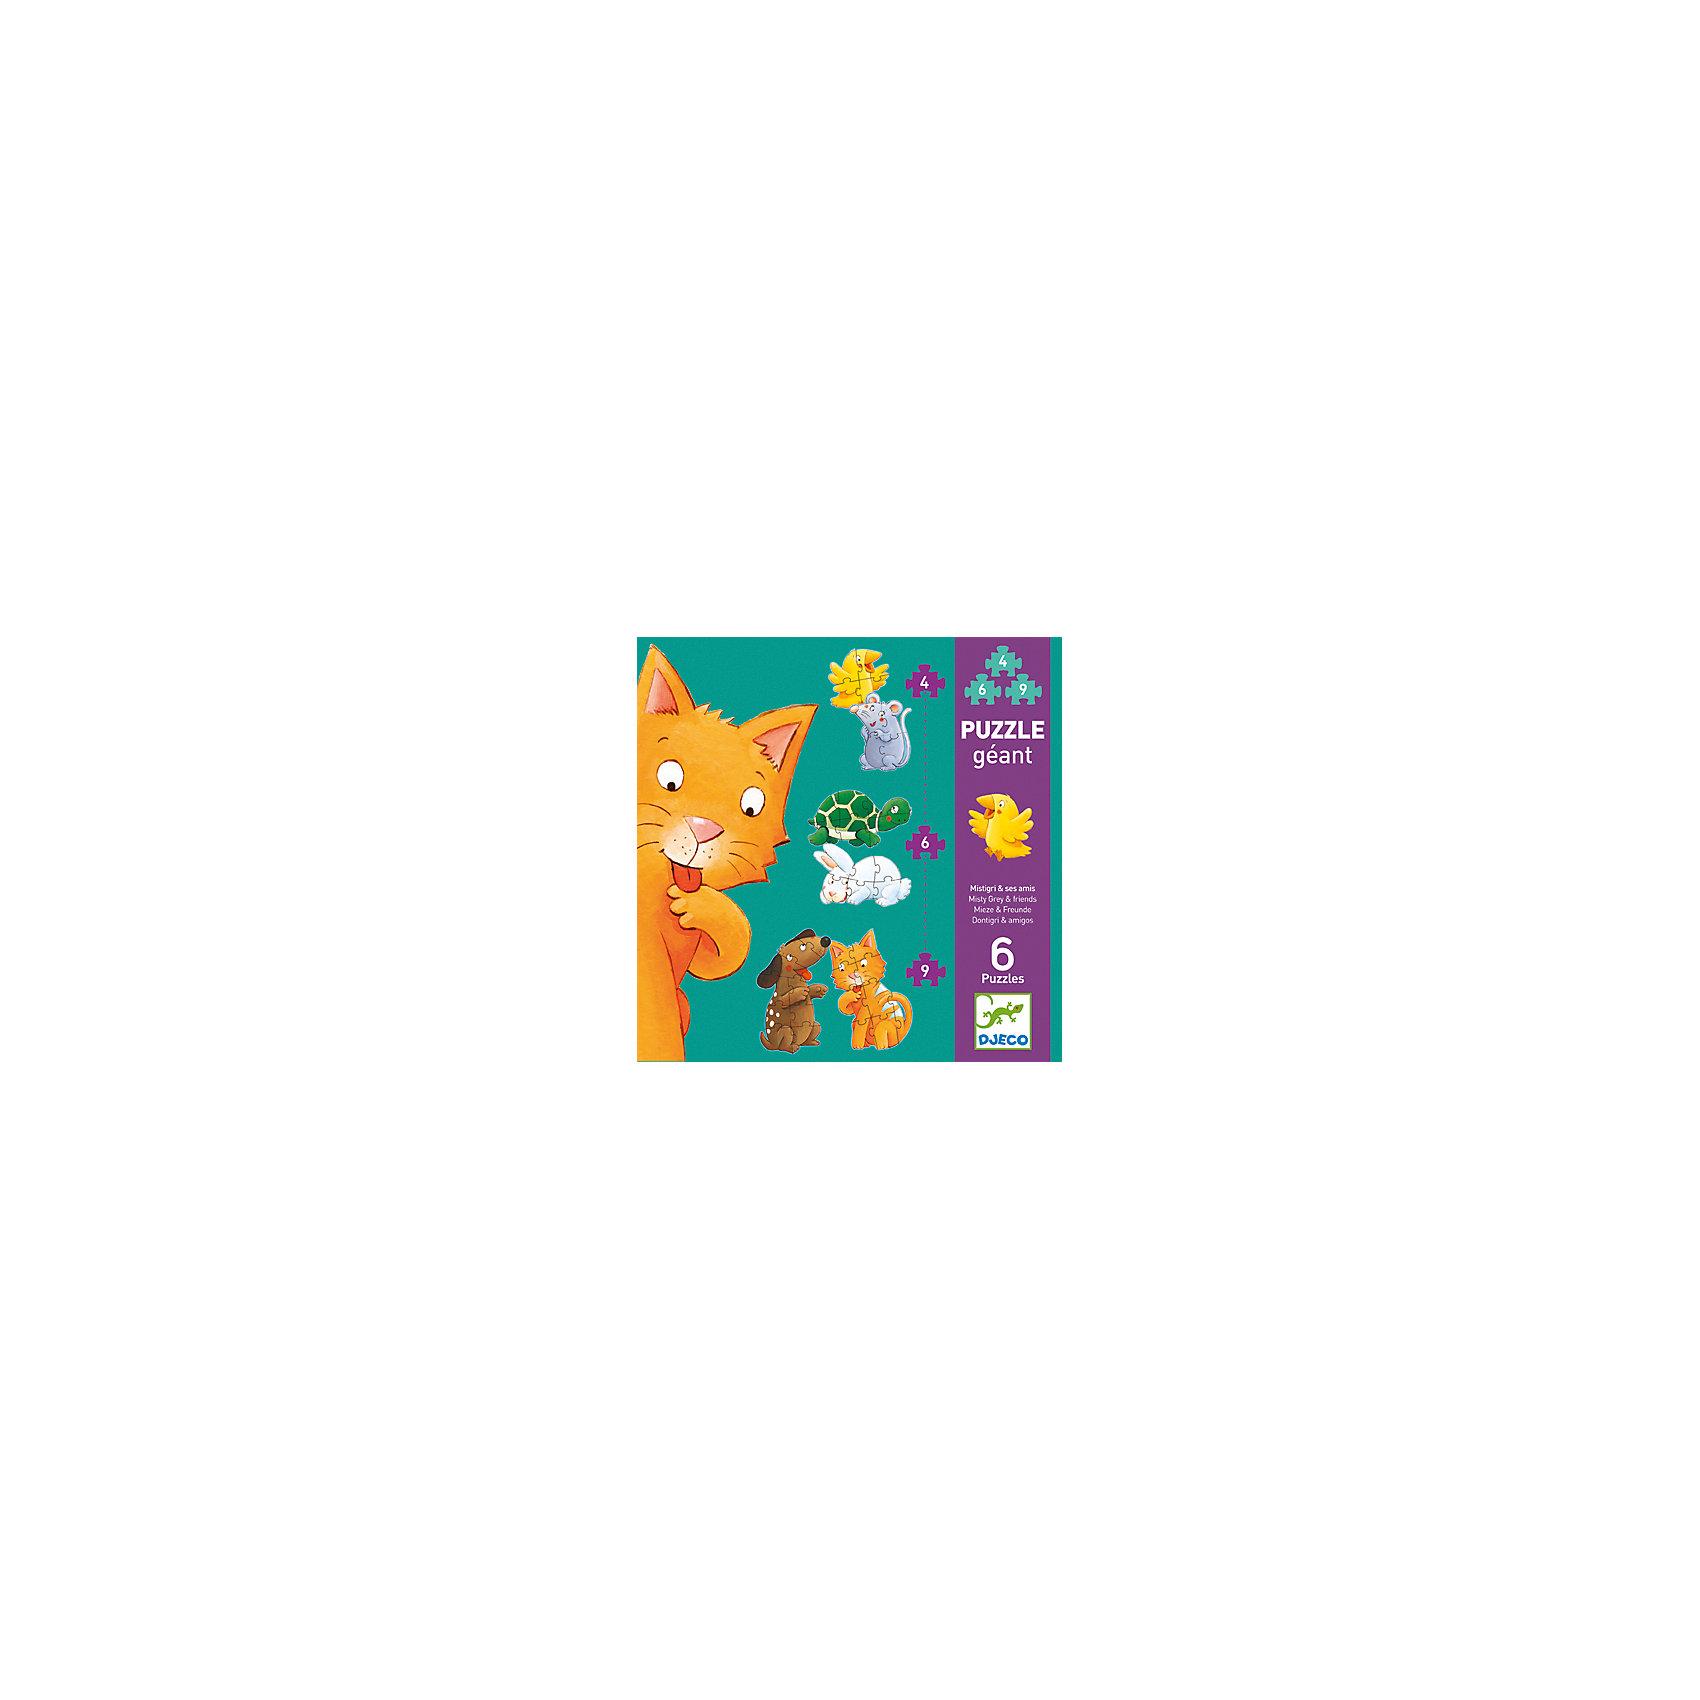 Пазл-гигант Мистигри и его друзья, DJECOПазл-гигант Мистигри и его друзья, Djeco (Джеко) - увлекательный развивающий набор, который станет отличным подарком для Вашего ребенка. С помощью входящих в набор деталей он сможет собрать 6 красочных пазлов с изображениями очаровательных зверюшек: котенком, собачкой, черепашкой, зайчиком, мышонком и цыпленком. Пазлы отличаются размером и уровнем сложности, так, самые простые картинки состоят из 4 деталей, самые сложные - из 9. Собранных зверюшек можно поставить друг на друга в виде забавной горки (высота - 130 см.). Собирание пазла способствует развитию логического мышления, внимания, мелкой моторики и координации движений. <br><br>Дополнительная информация:<br><br>- Материал: ламинированный картон. <br>- Количество деталей: 2 картинки из 4 деталей, 2 картинки из 6 деталей, 2 картинки из 9 деталей.<br>- Высота собранного пазла: 130 см.<br>- Размер упаковки: 25,5 х 25,5 х 6 см.<br>- Вес: 0,88 кг.<br><br>Пазл-гигант Мистигри и его друзья, Djeco (Джеко), можно купить в нашем интернет-магазине.<br><br>Ширина мм: 260<br>Глубина мм: 280<br>Высота мм: 10<br>Вес г: 880<br>Возраст от месяцев: 24<br>Возраст до месяцев: 72<br>Пол: Унисекс<br>Возраст: Детский<br>SKU: 4215032